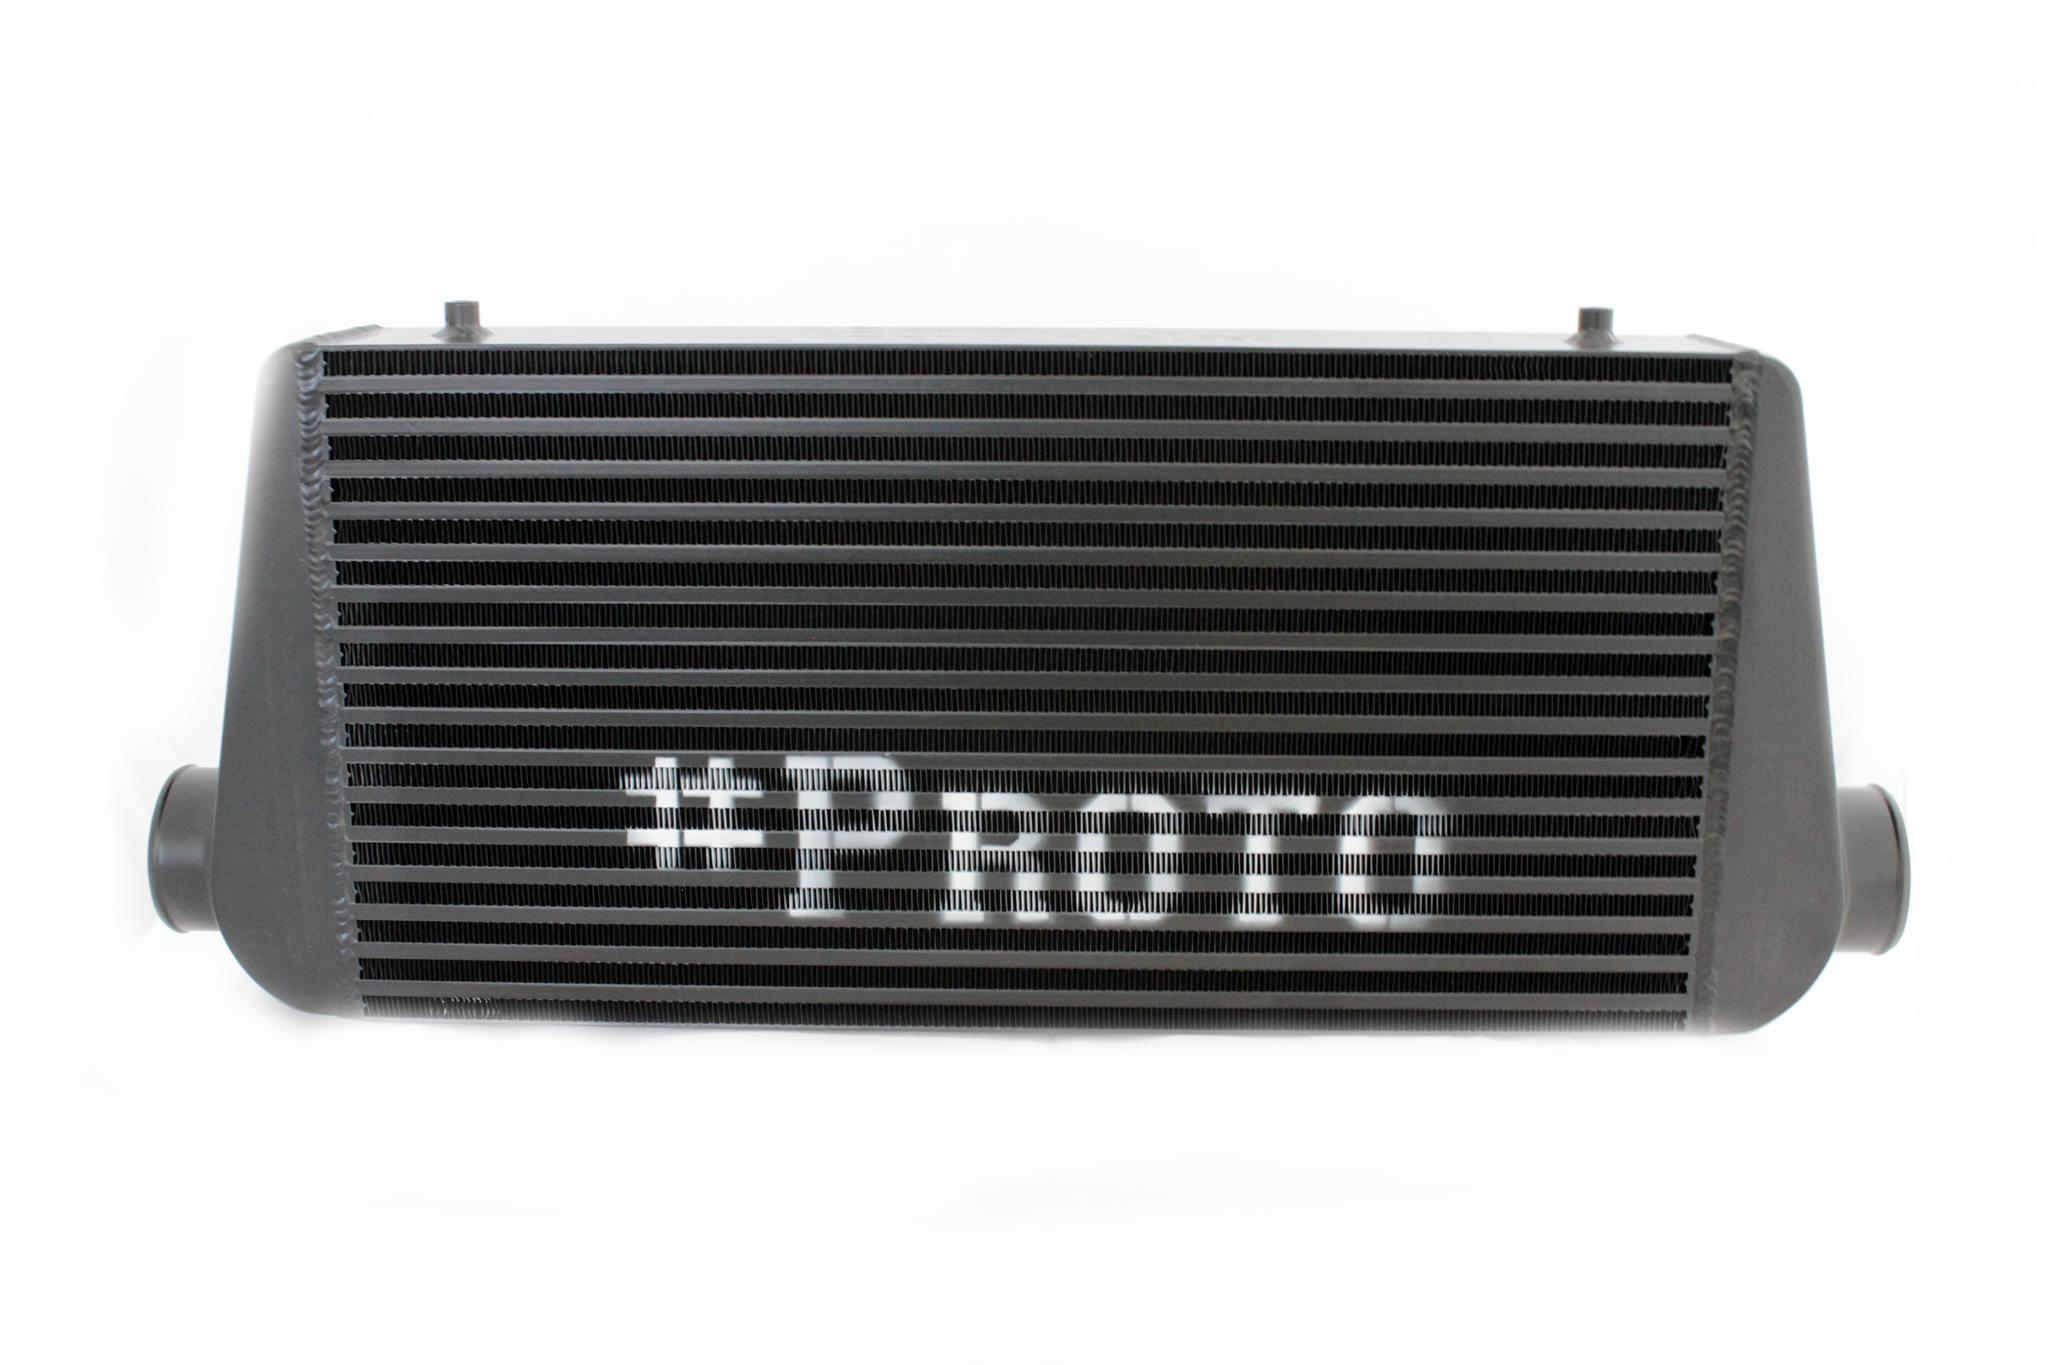 #PROTO - XL - 600x300x76x76mm